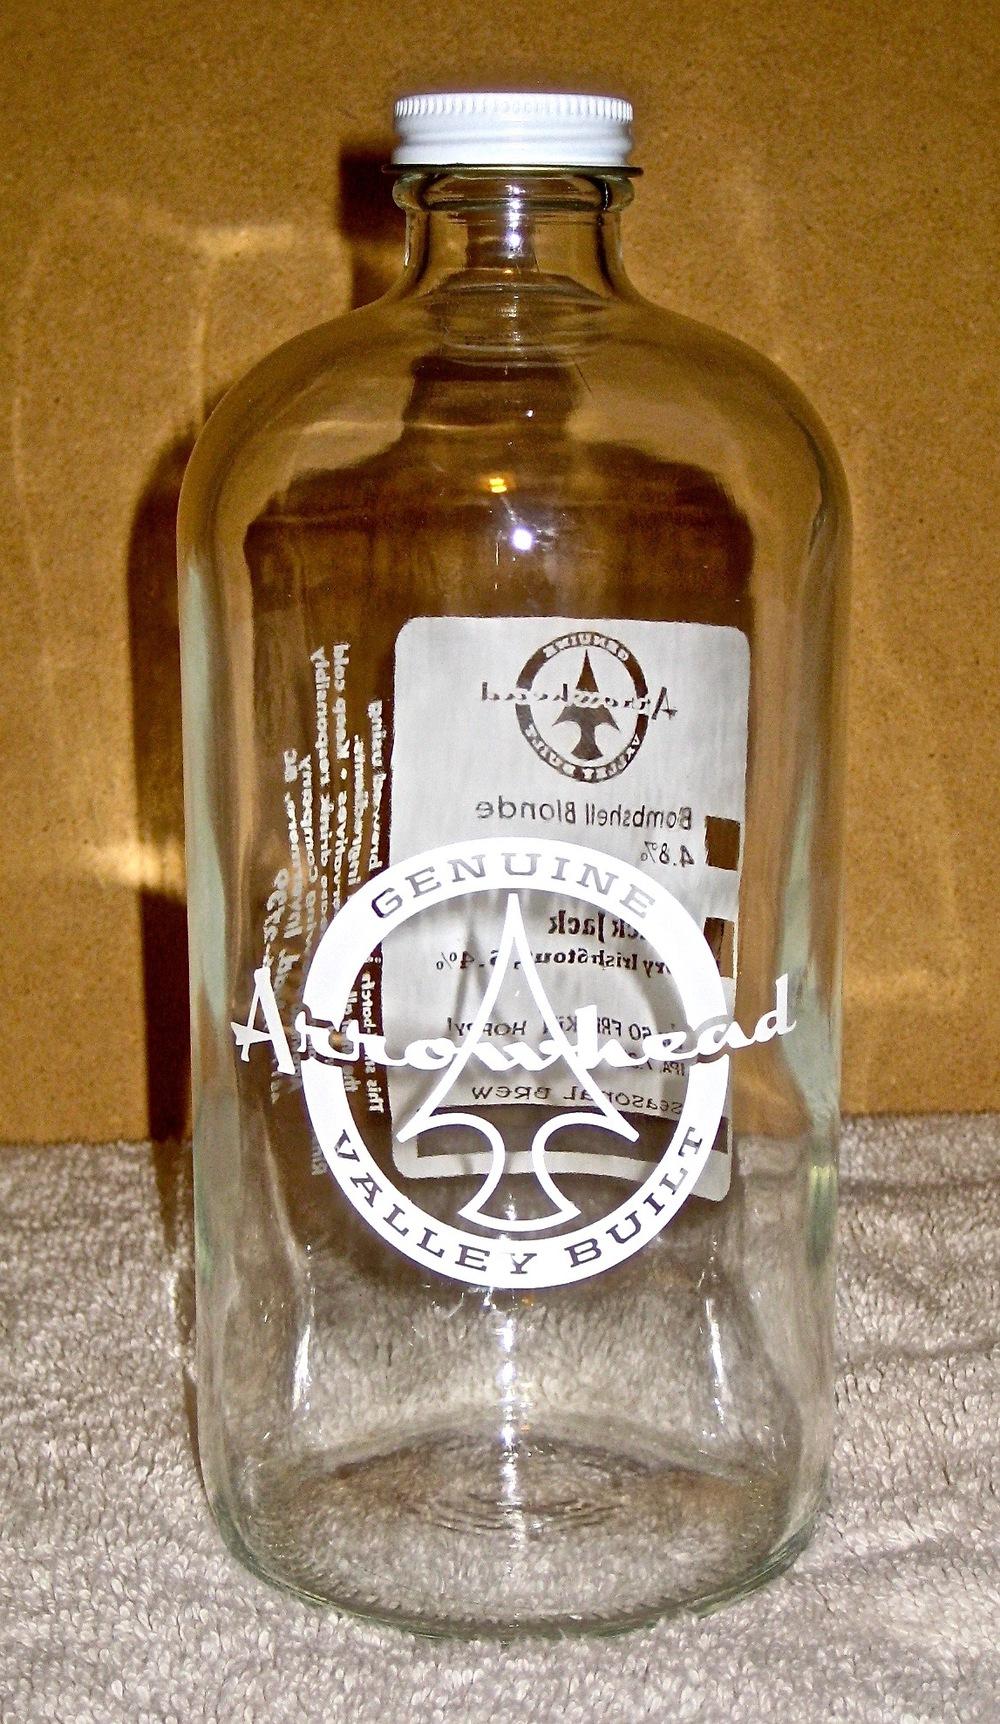 GR - Arrowhead Brewery 1L (AB).jpg